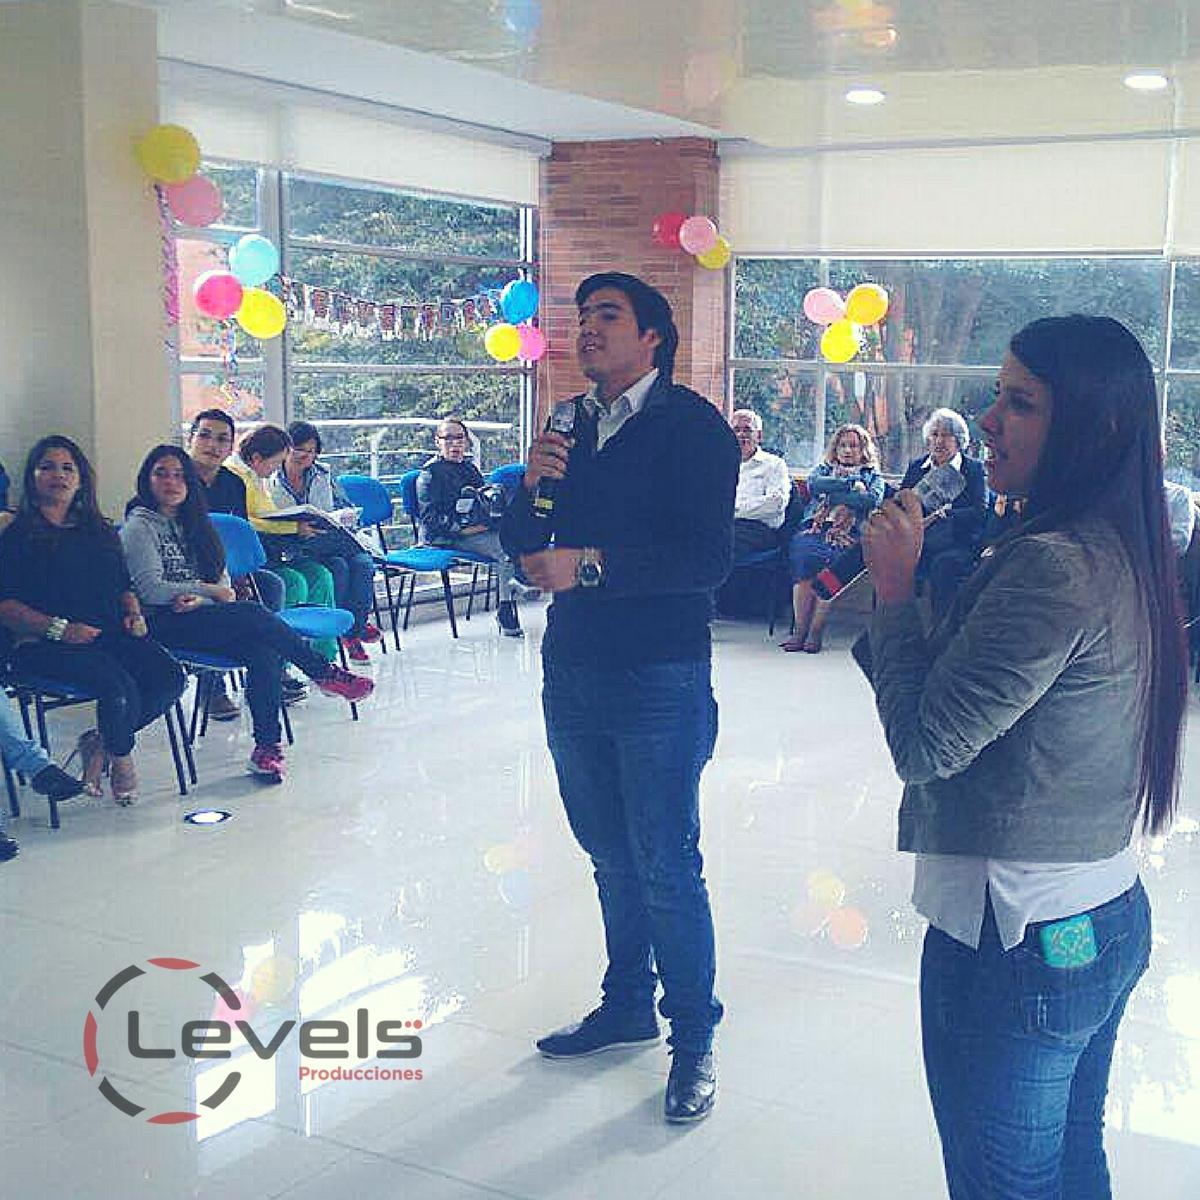 Levels Pro 03